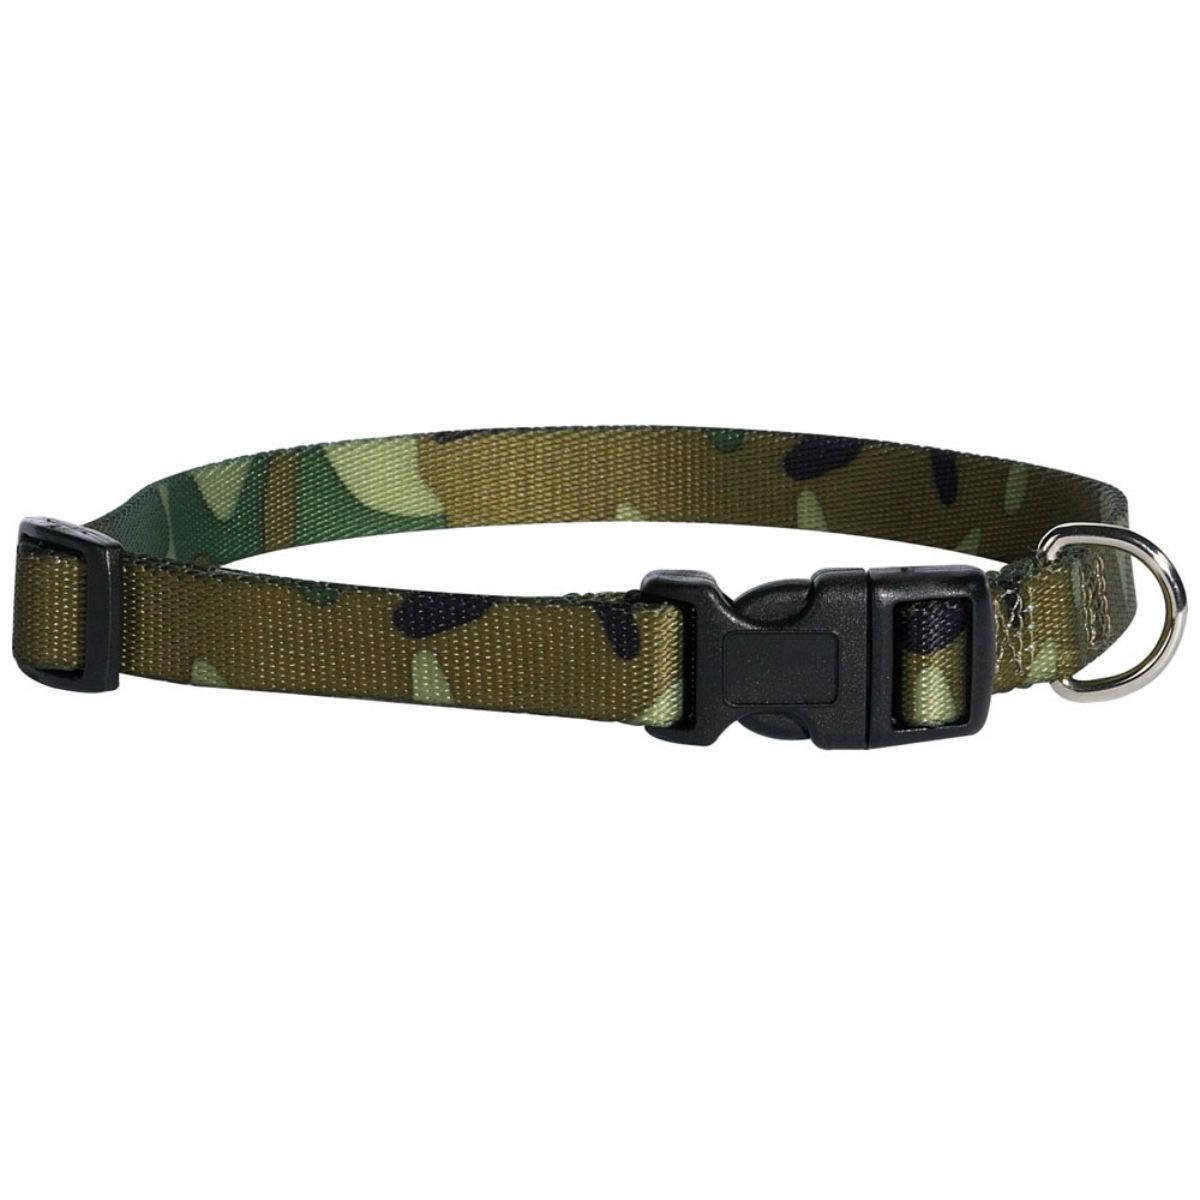 Casual Canine Camo Dog Collar - Green